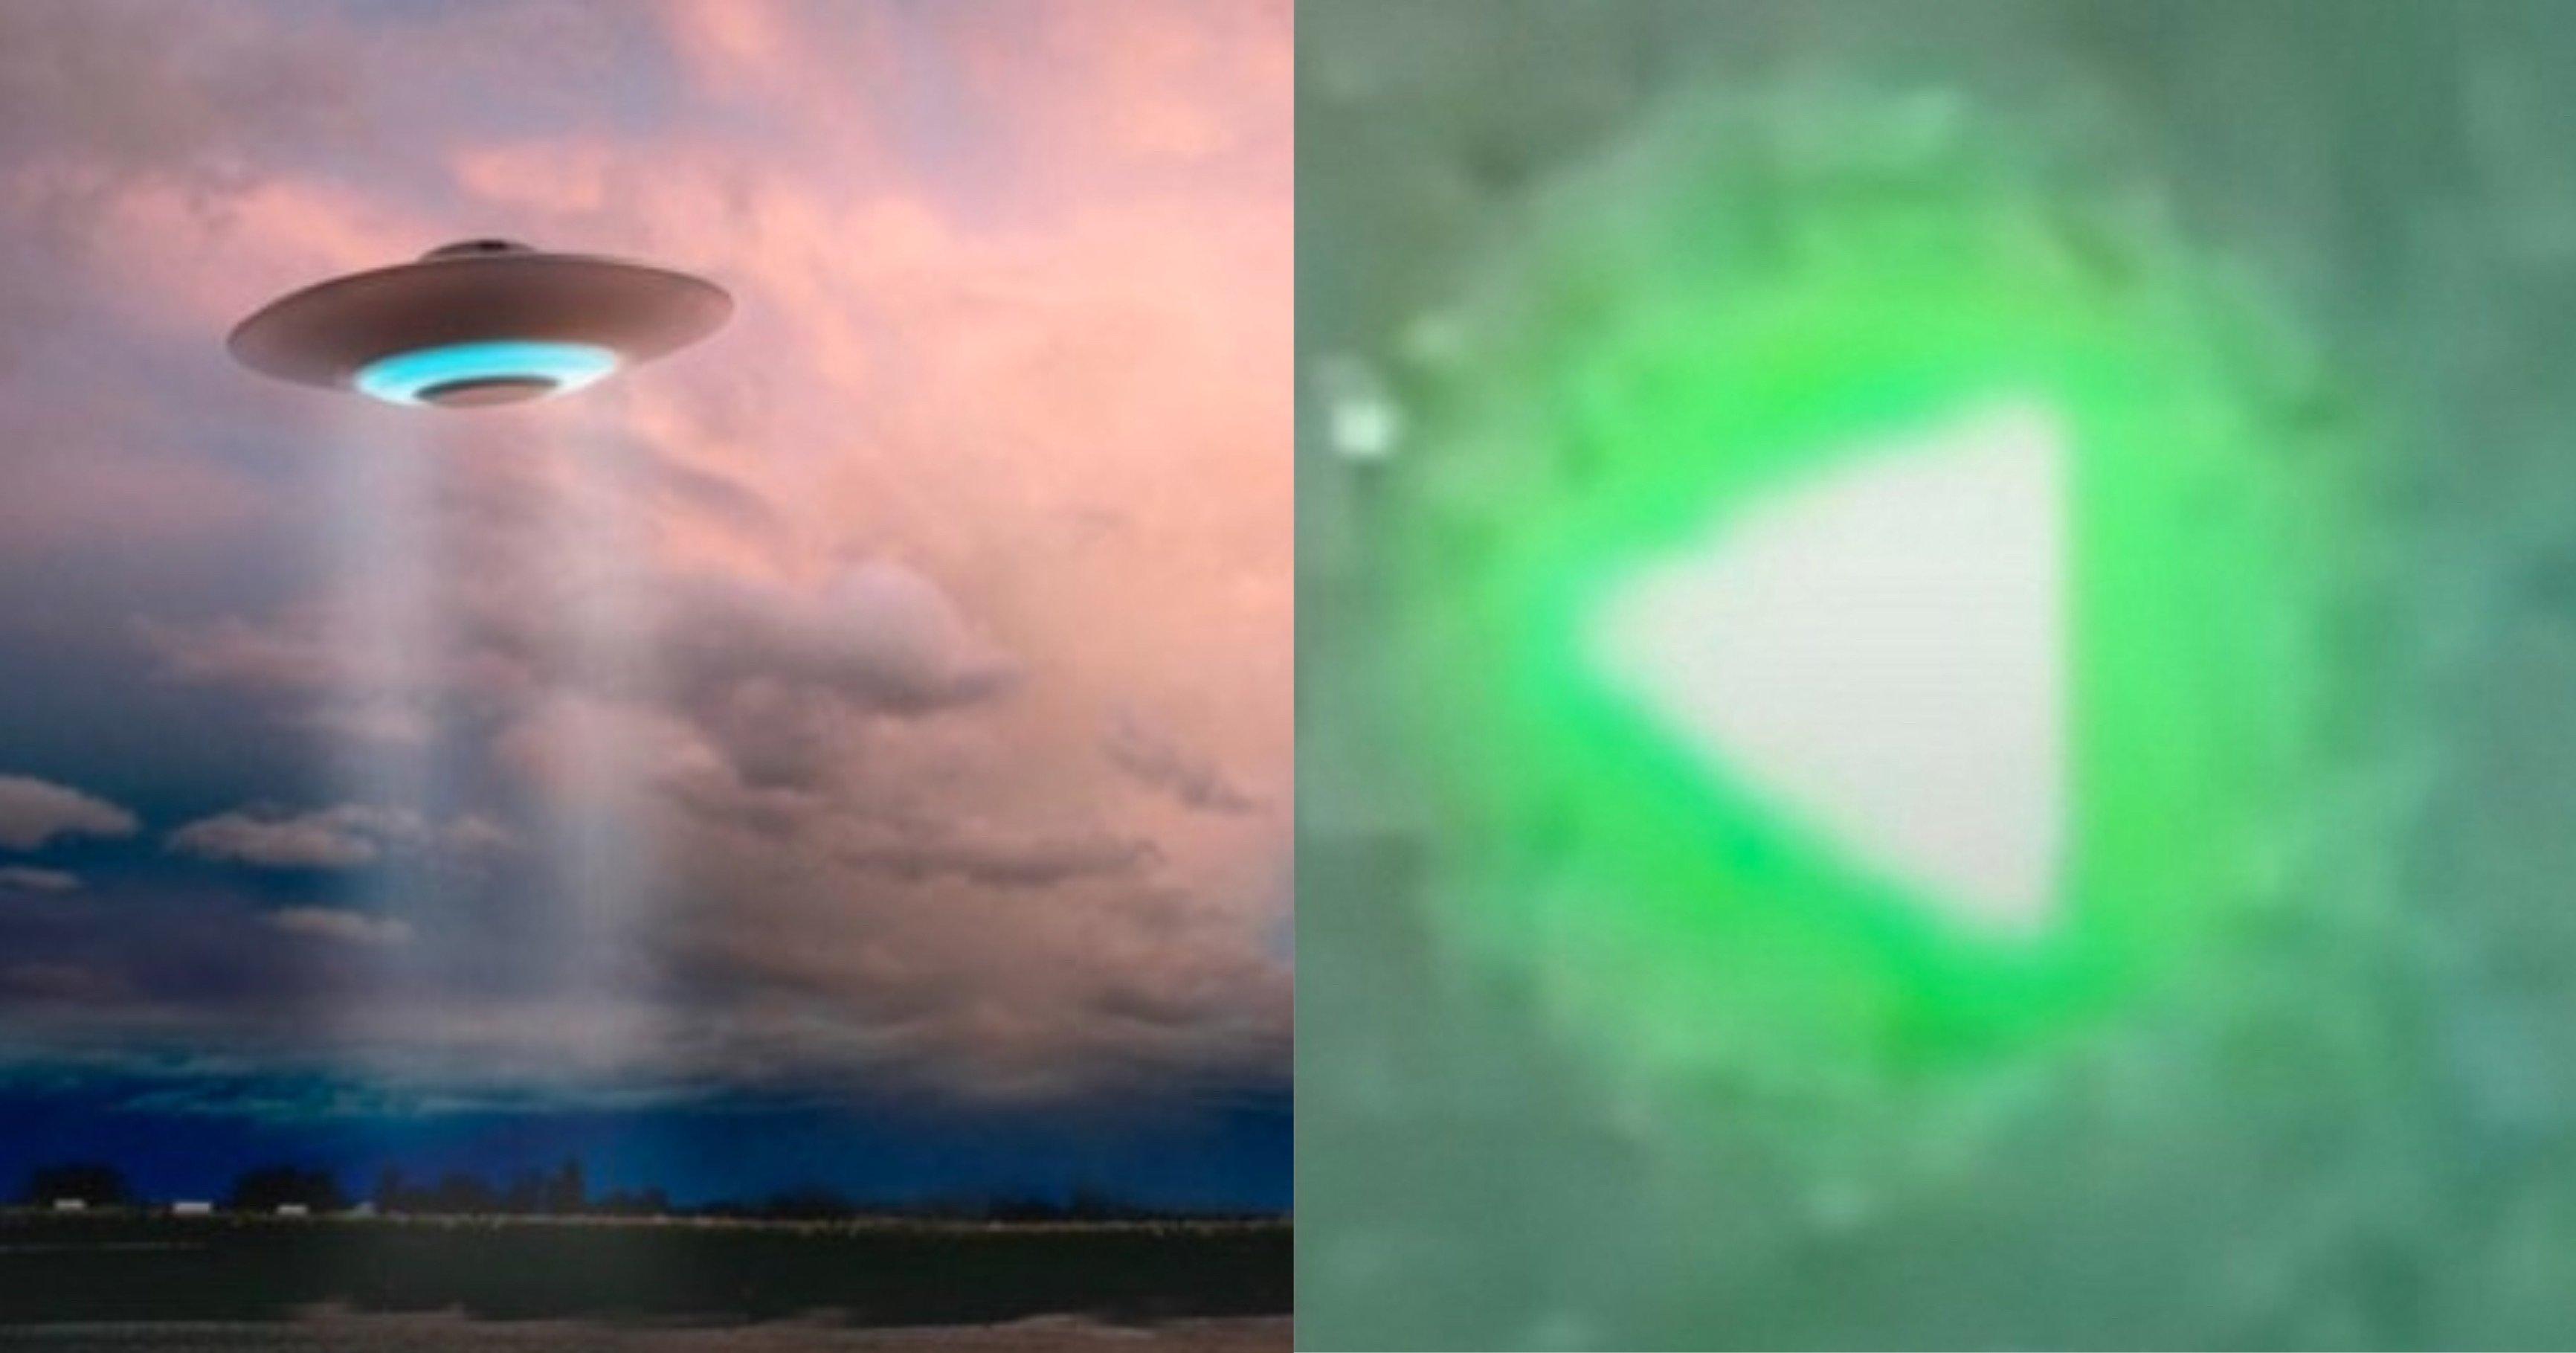 """f2cae585 3d97 4e0a 8d8c 58abb9310a4c.jpeg?resize=1200,630 - """"UFO 진짜 있었다""""..미국 국방부가 조작 아니라면서 직접 공개한 UFO 영상"""